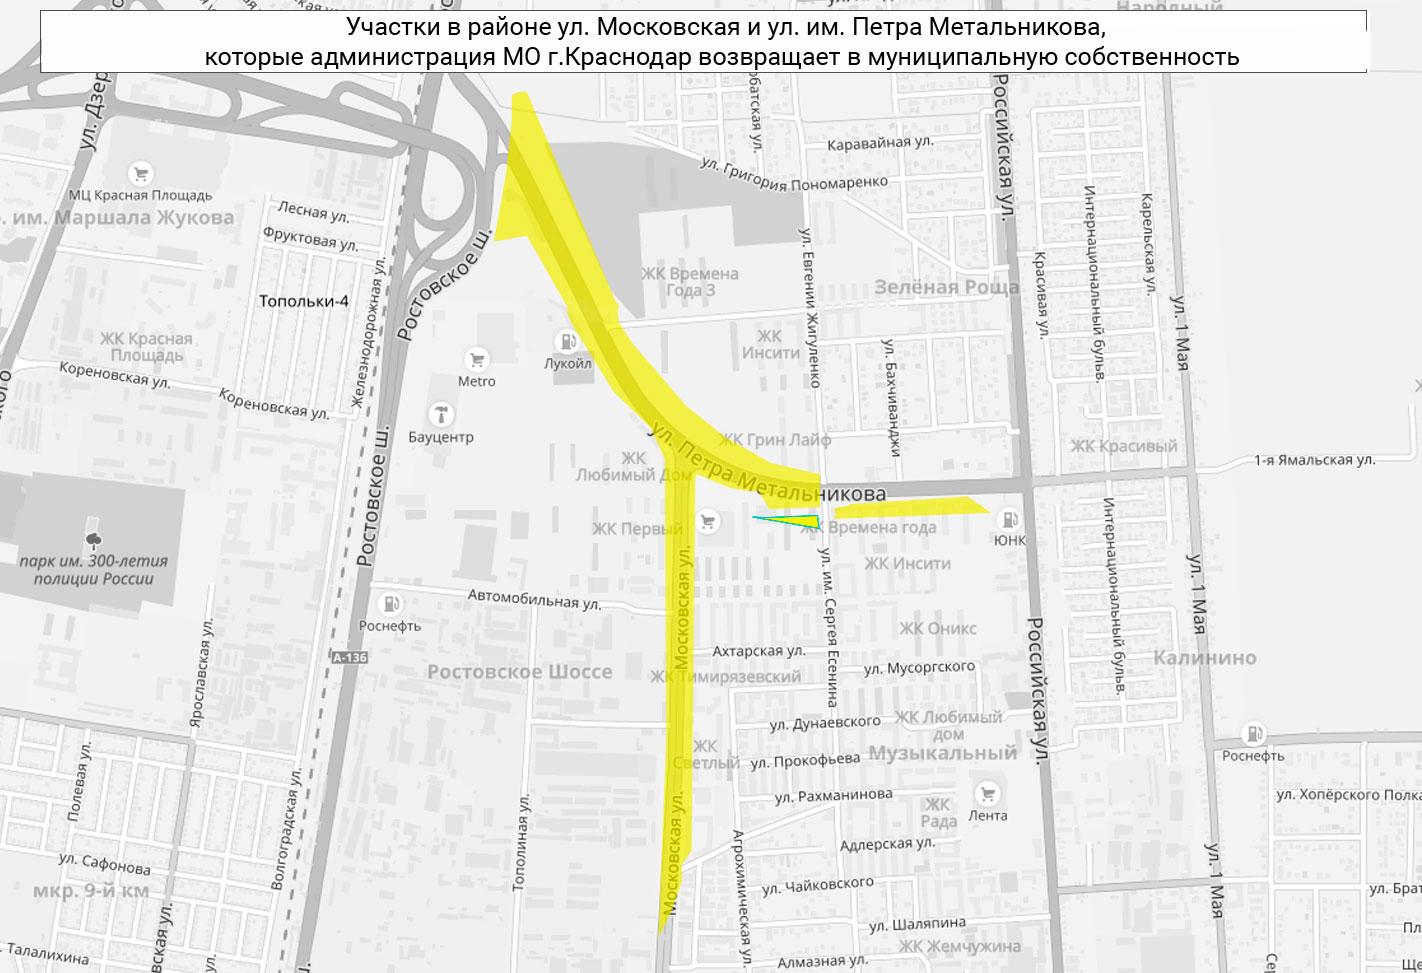 Власти Краснодара добились возвращения в собственность города участков на Московской и Петра Метальникова